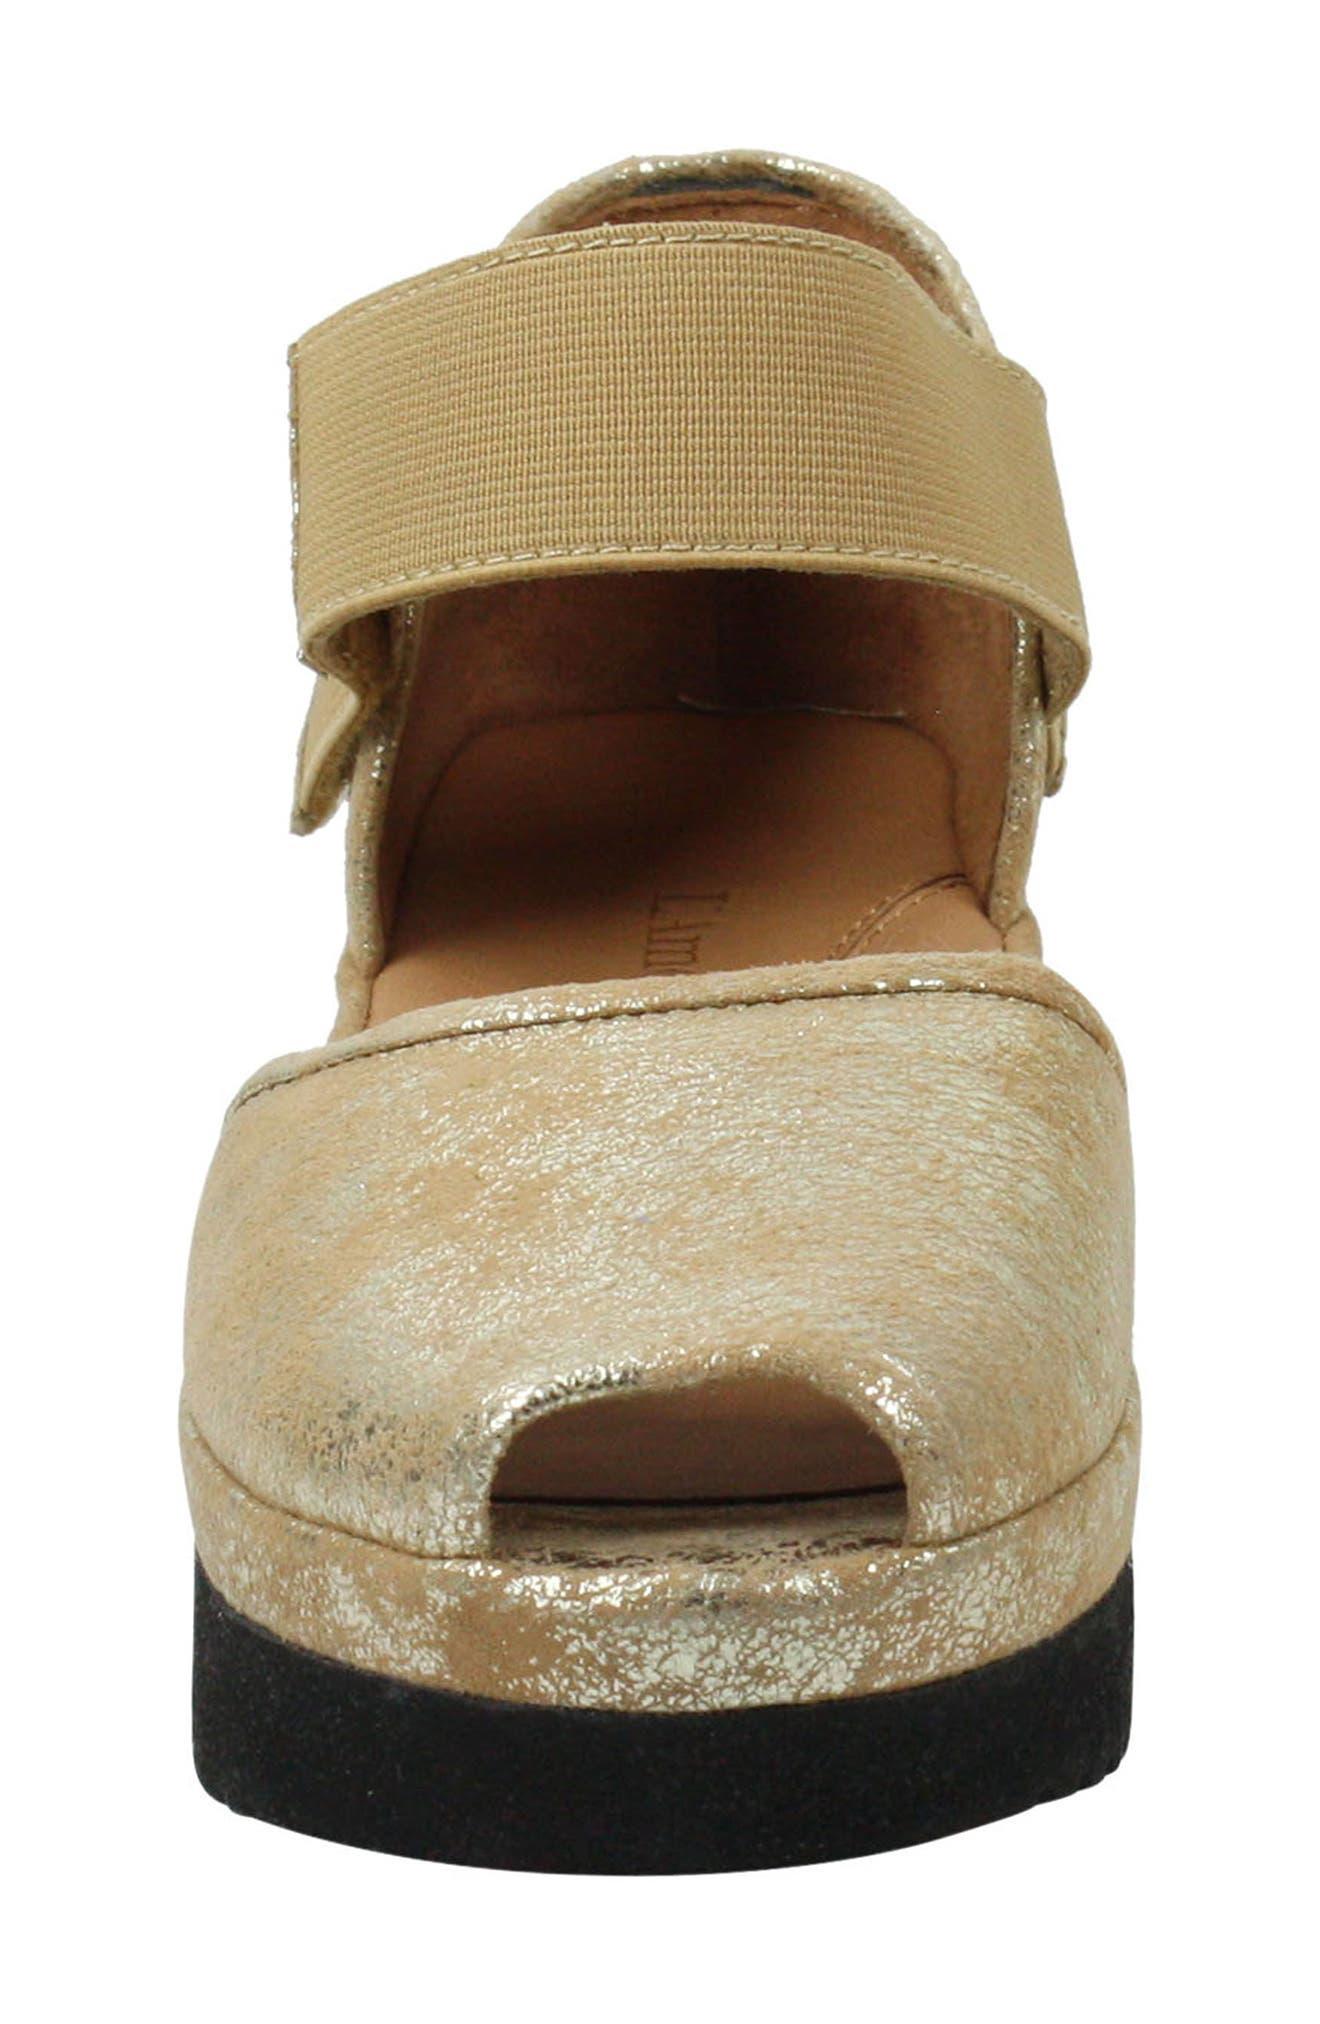 'Amadour' Platform Sandal,                             Alternate thumbnail 4, color,                             GOLD LEATHER